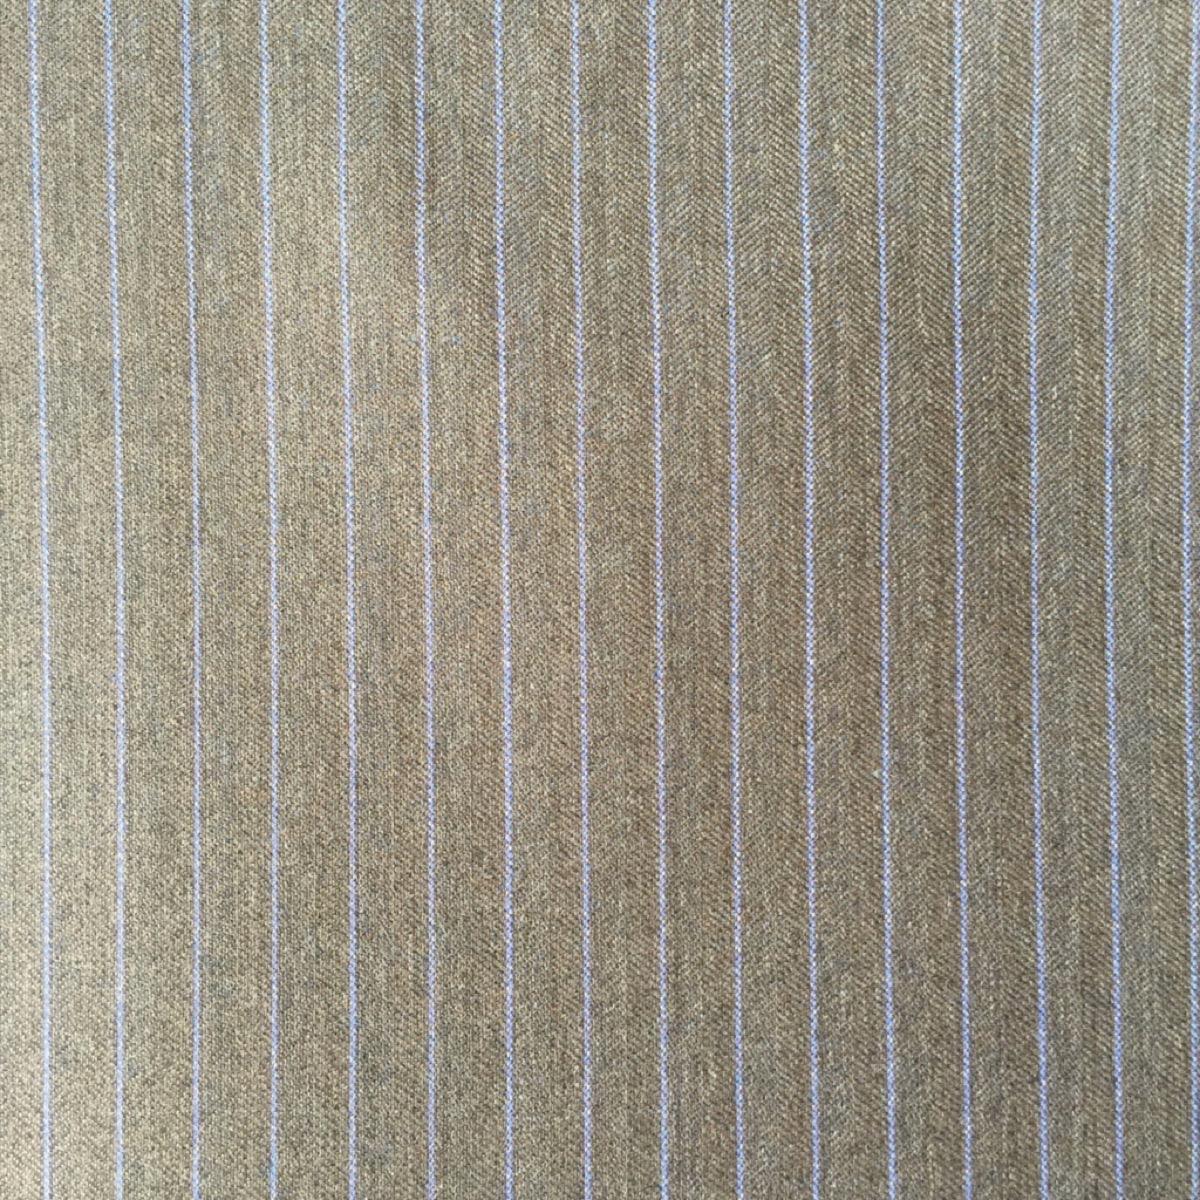 Hochwertige Schurwollen S150 Qualität mit Seidenbeimischung auf brauner Basis mit trendigem blauen Nadelstreif